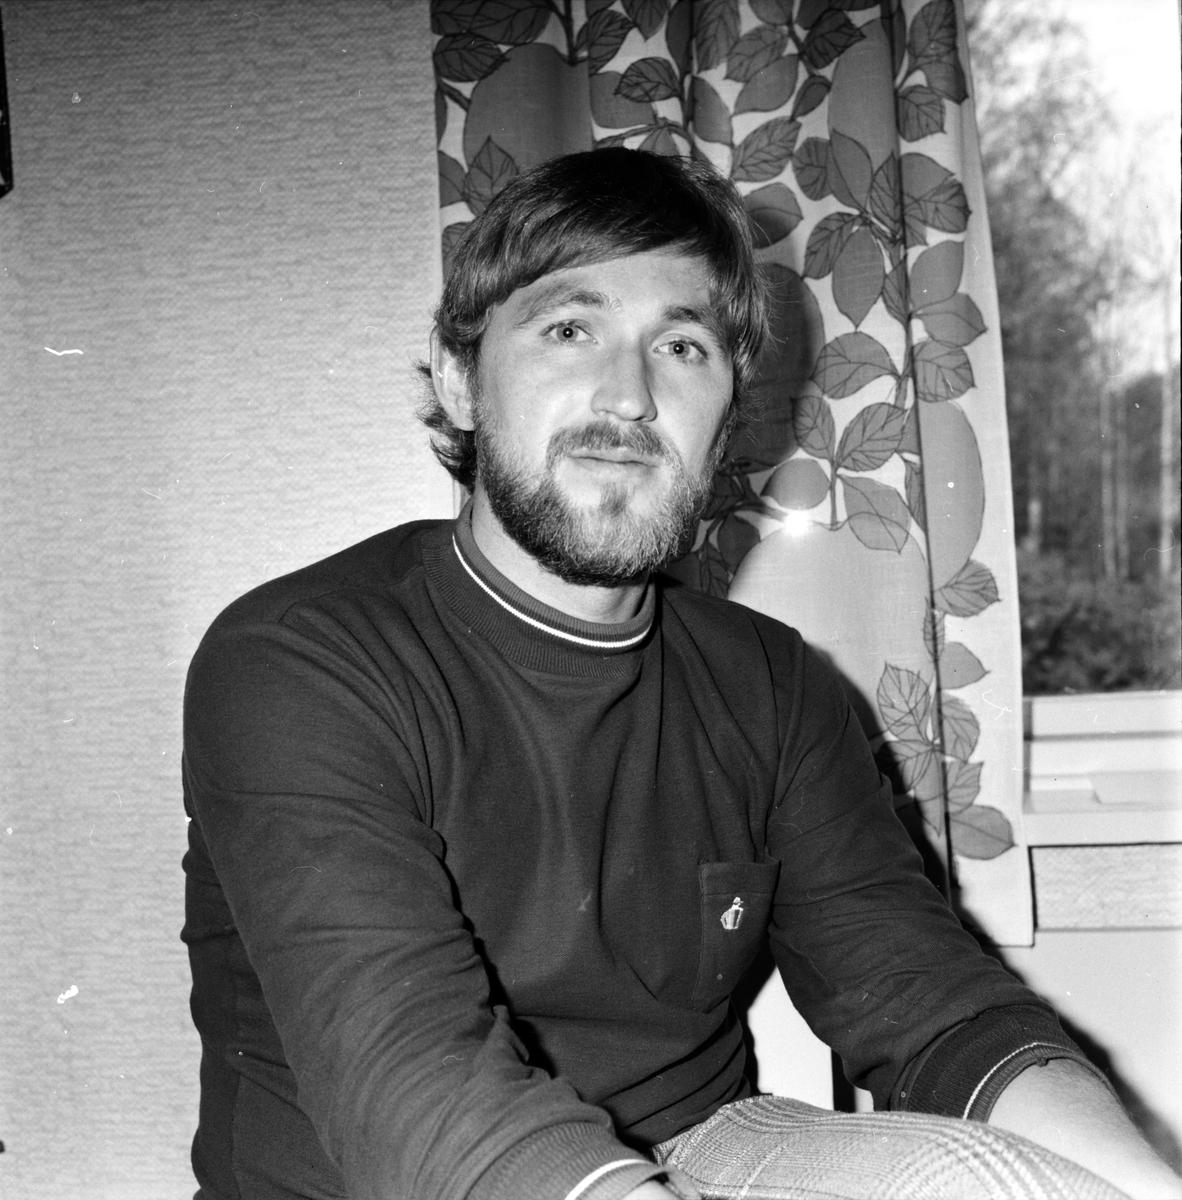 Arbrå, Ulf Arbinger, Fritidsassistent, Oktober 1971